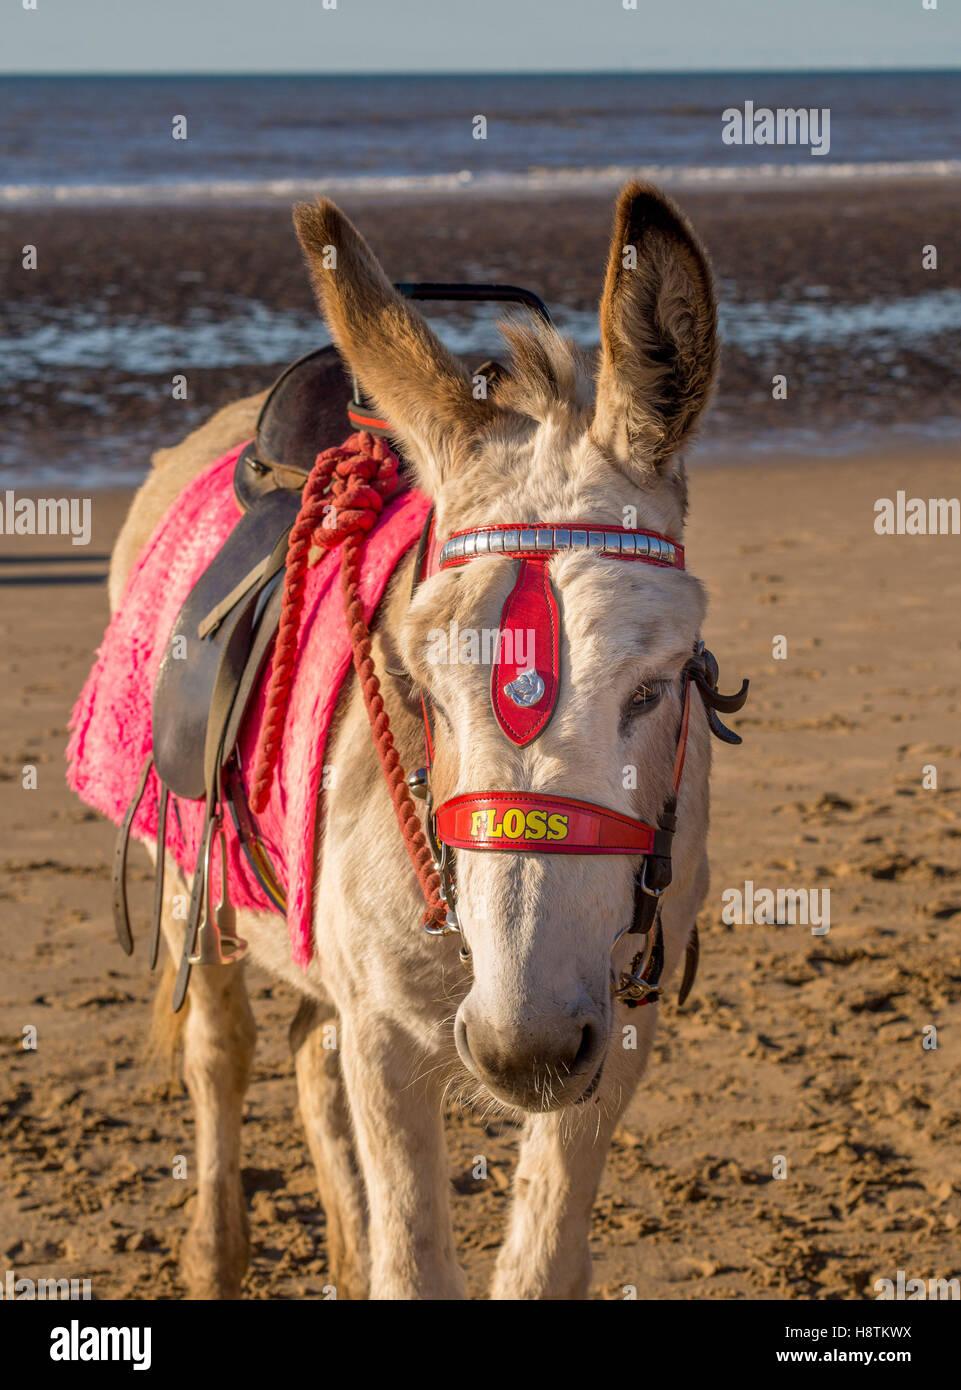 Donkey on beach, Blackpool, Lancashire, UK. - Stock Image